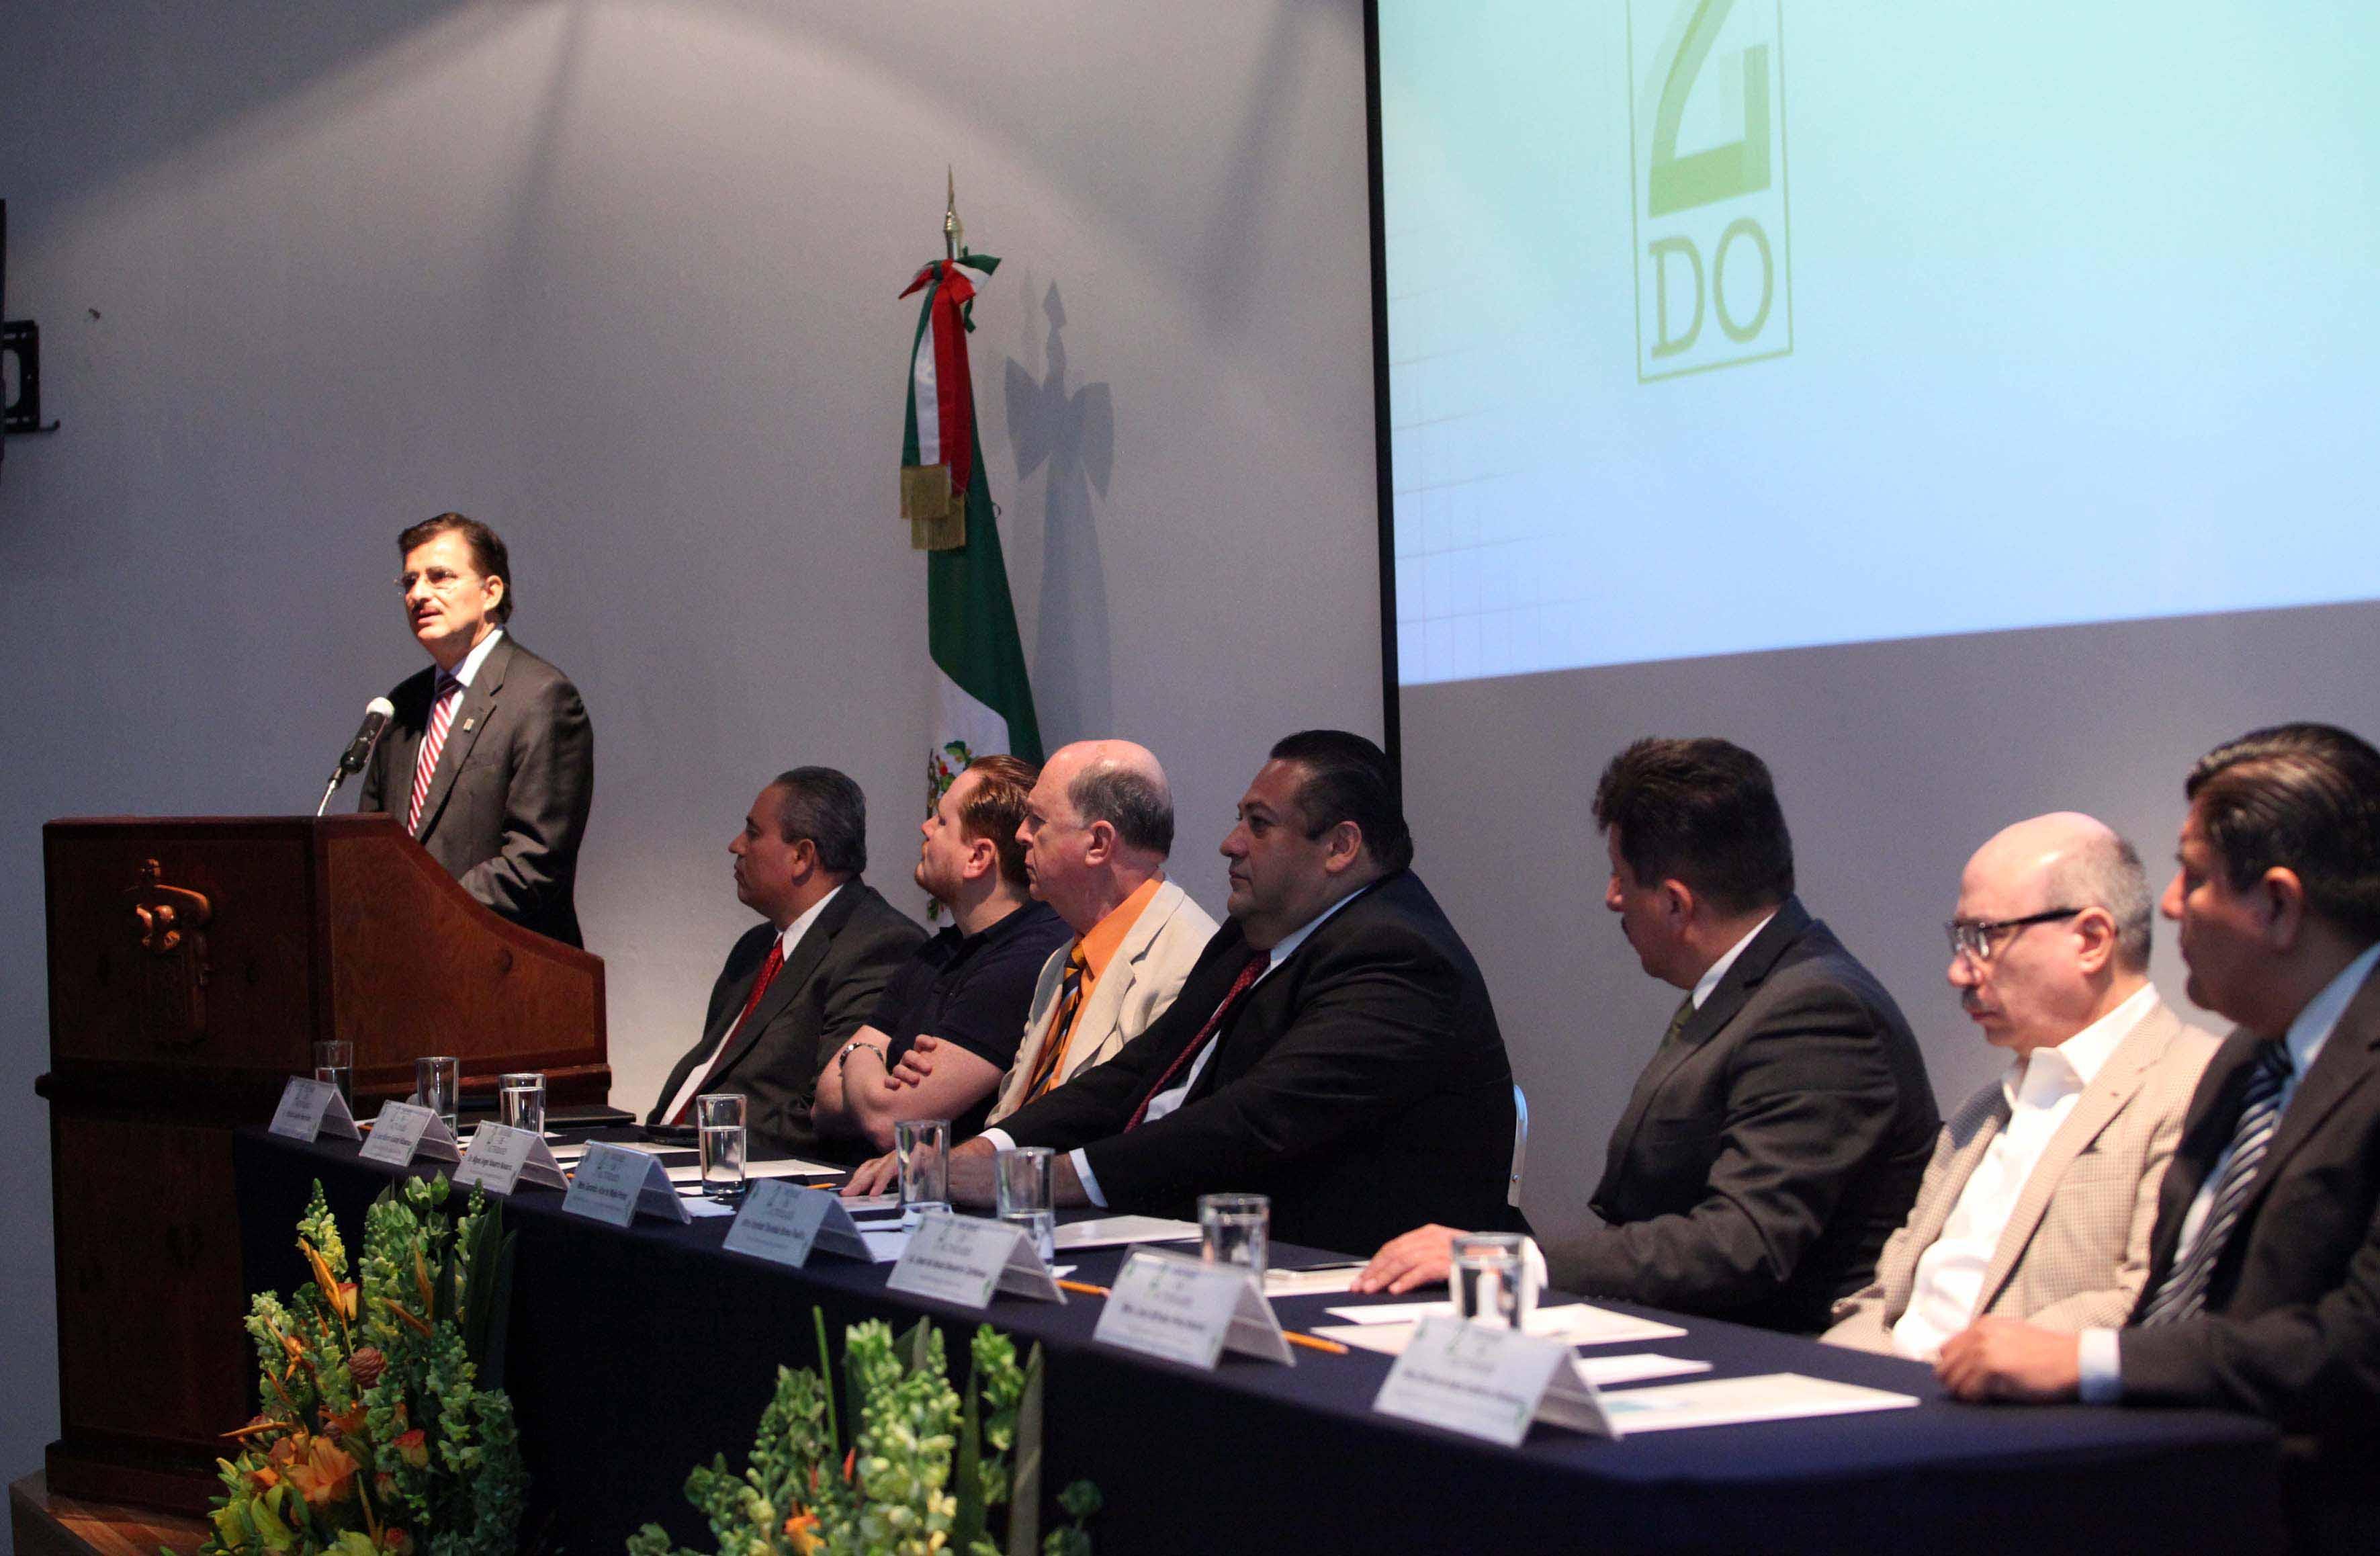 Autoridades universitarias panelistas en el segundo informe de actividades del maestro Gerardo Alberto Mejía Pérez, Rector de CUNorte.